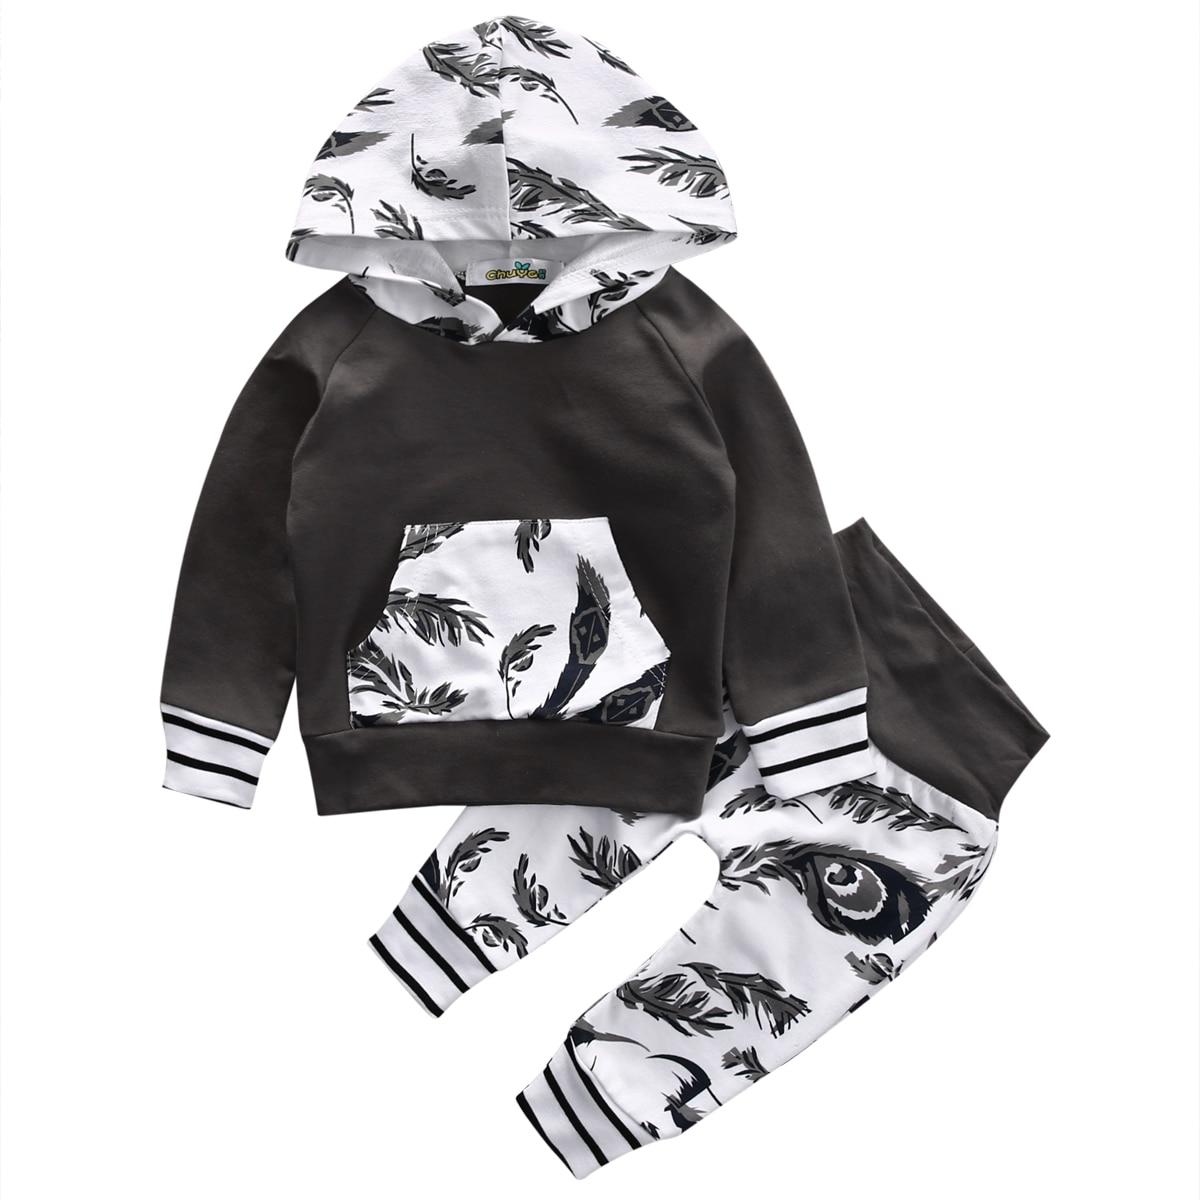 0-18 Mt Neugeborene Jungen Mädchen Kleidung Langarm Pullover Mit Kapuze Top T-shirt Hose 2 StÜcke Outfit Bebes Anzug Kleidung Set Kann Wiederholt Umgeformt Werden.